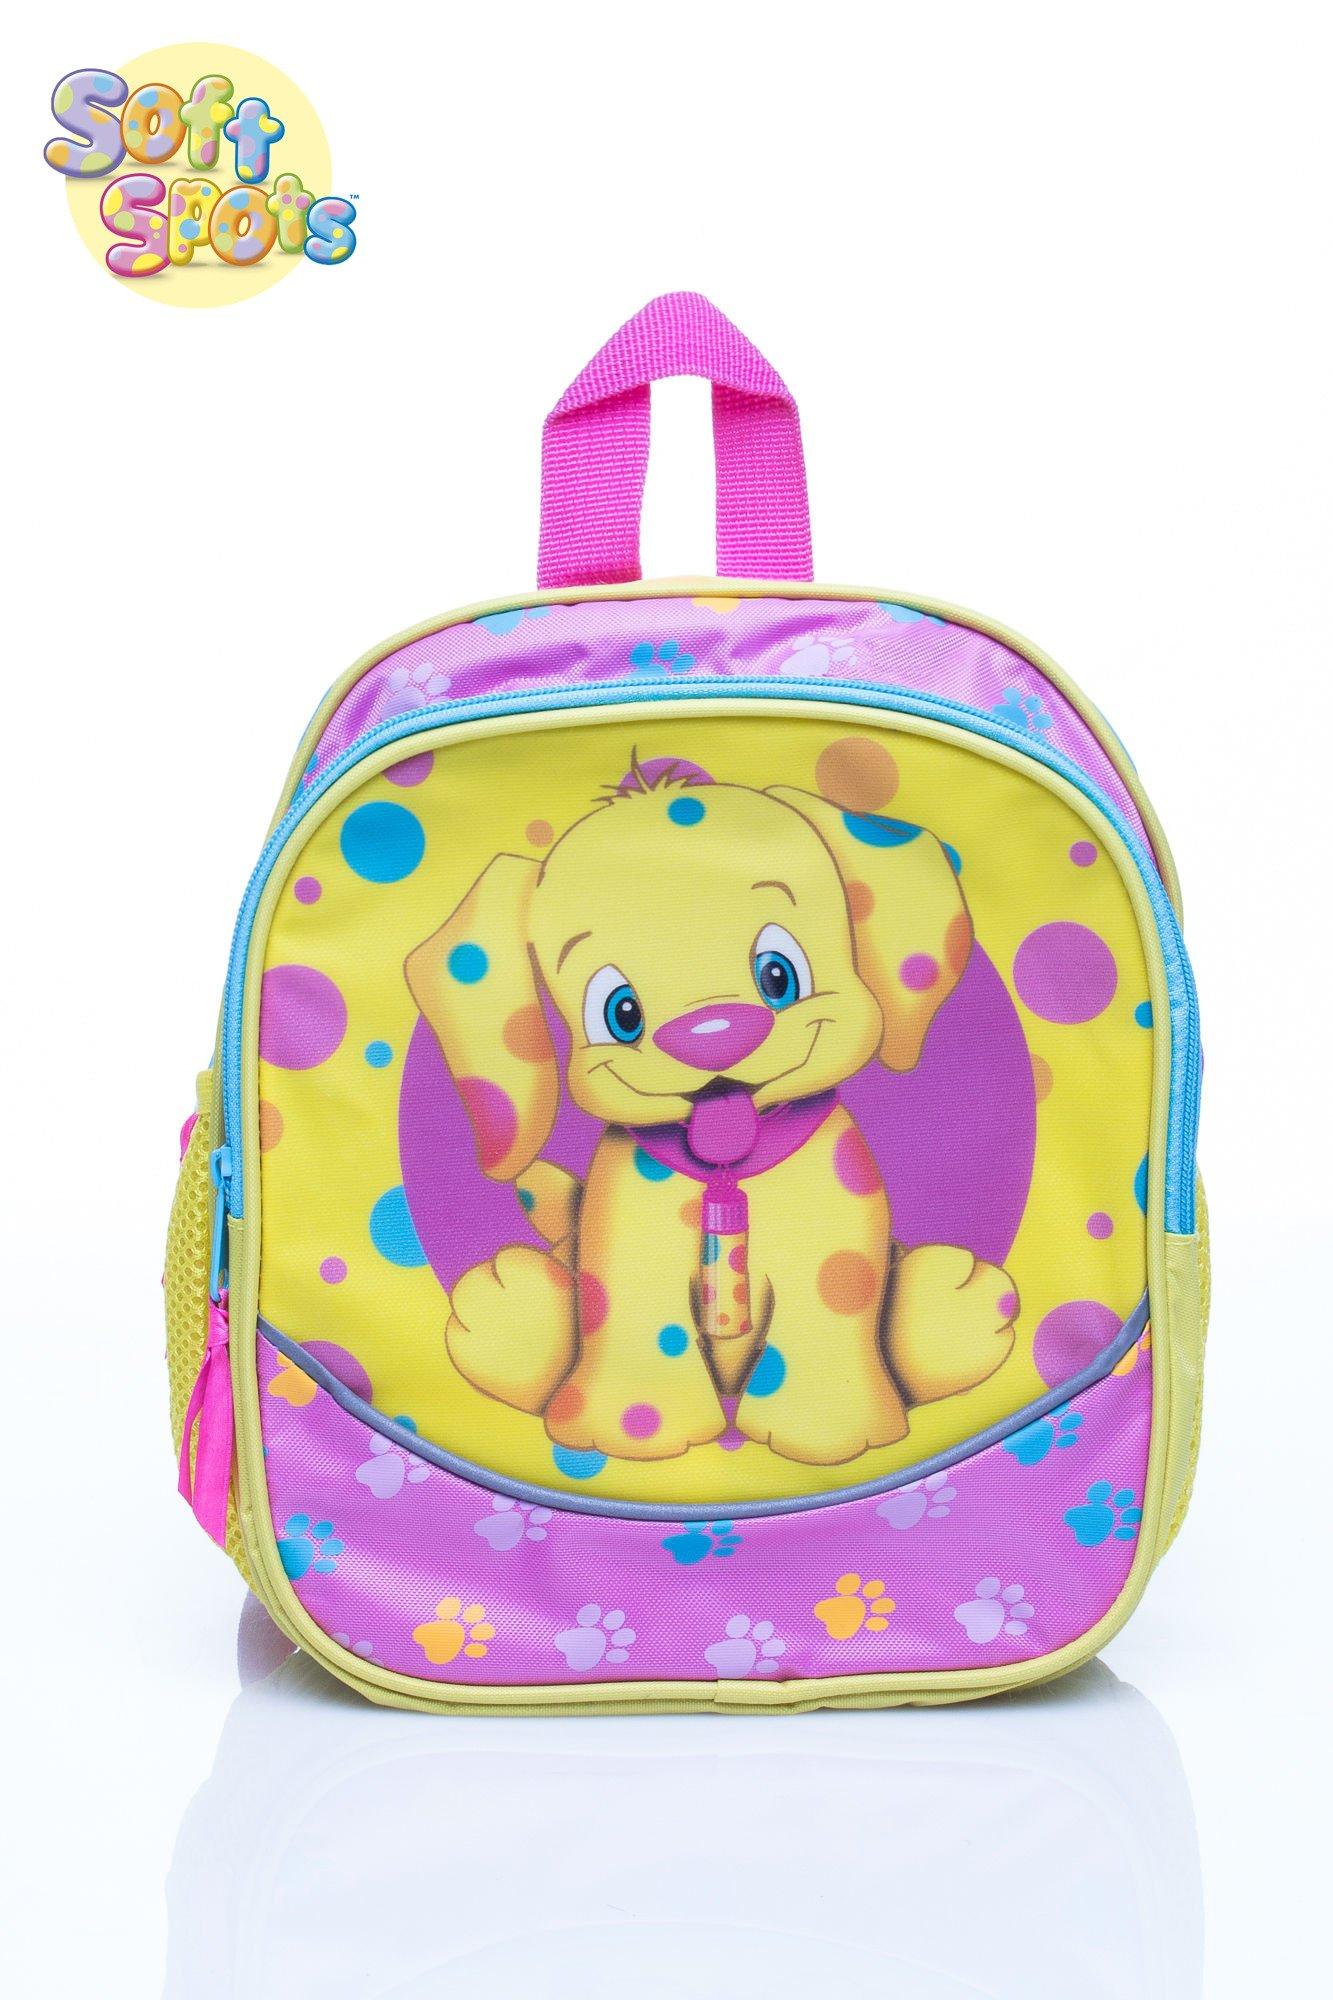 Żółty plecak na wycieczkę DISNEY Soft Spots                                  zdj.                                  1